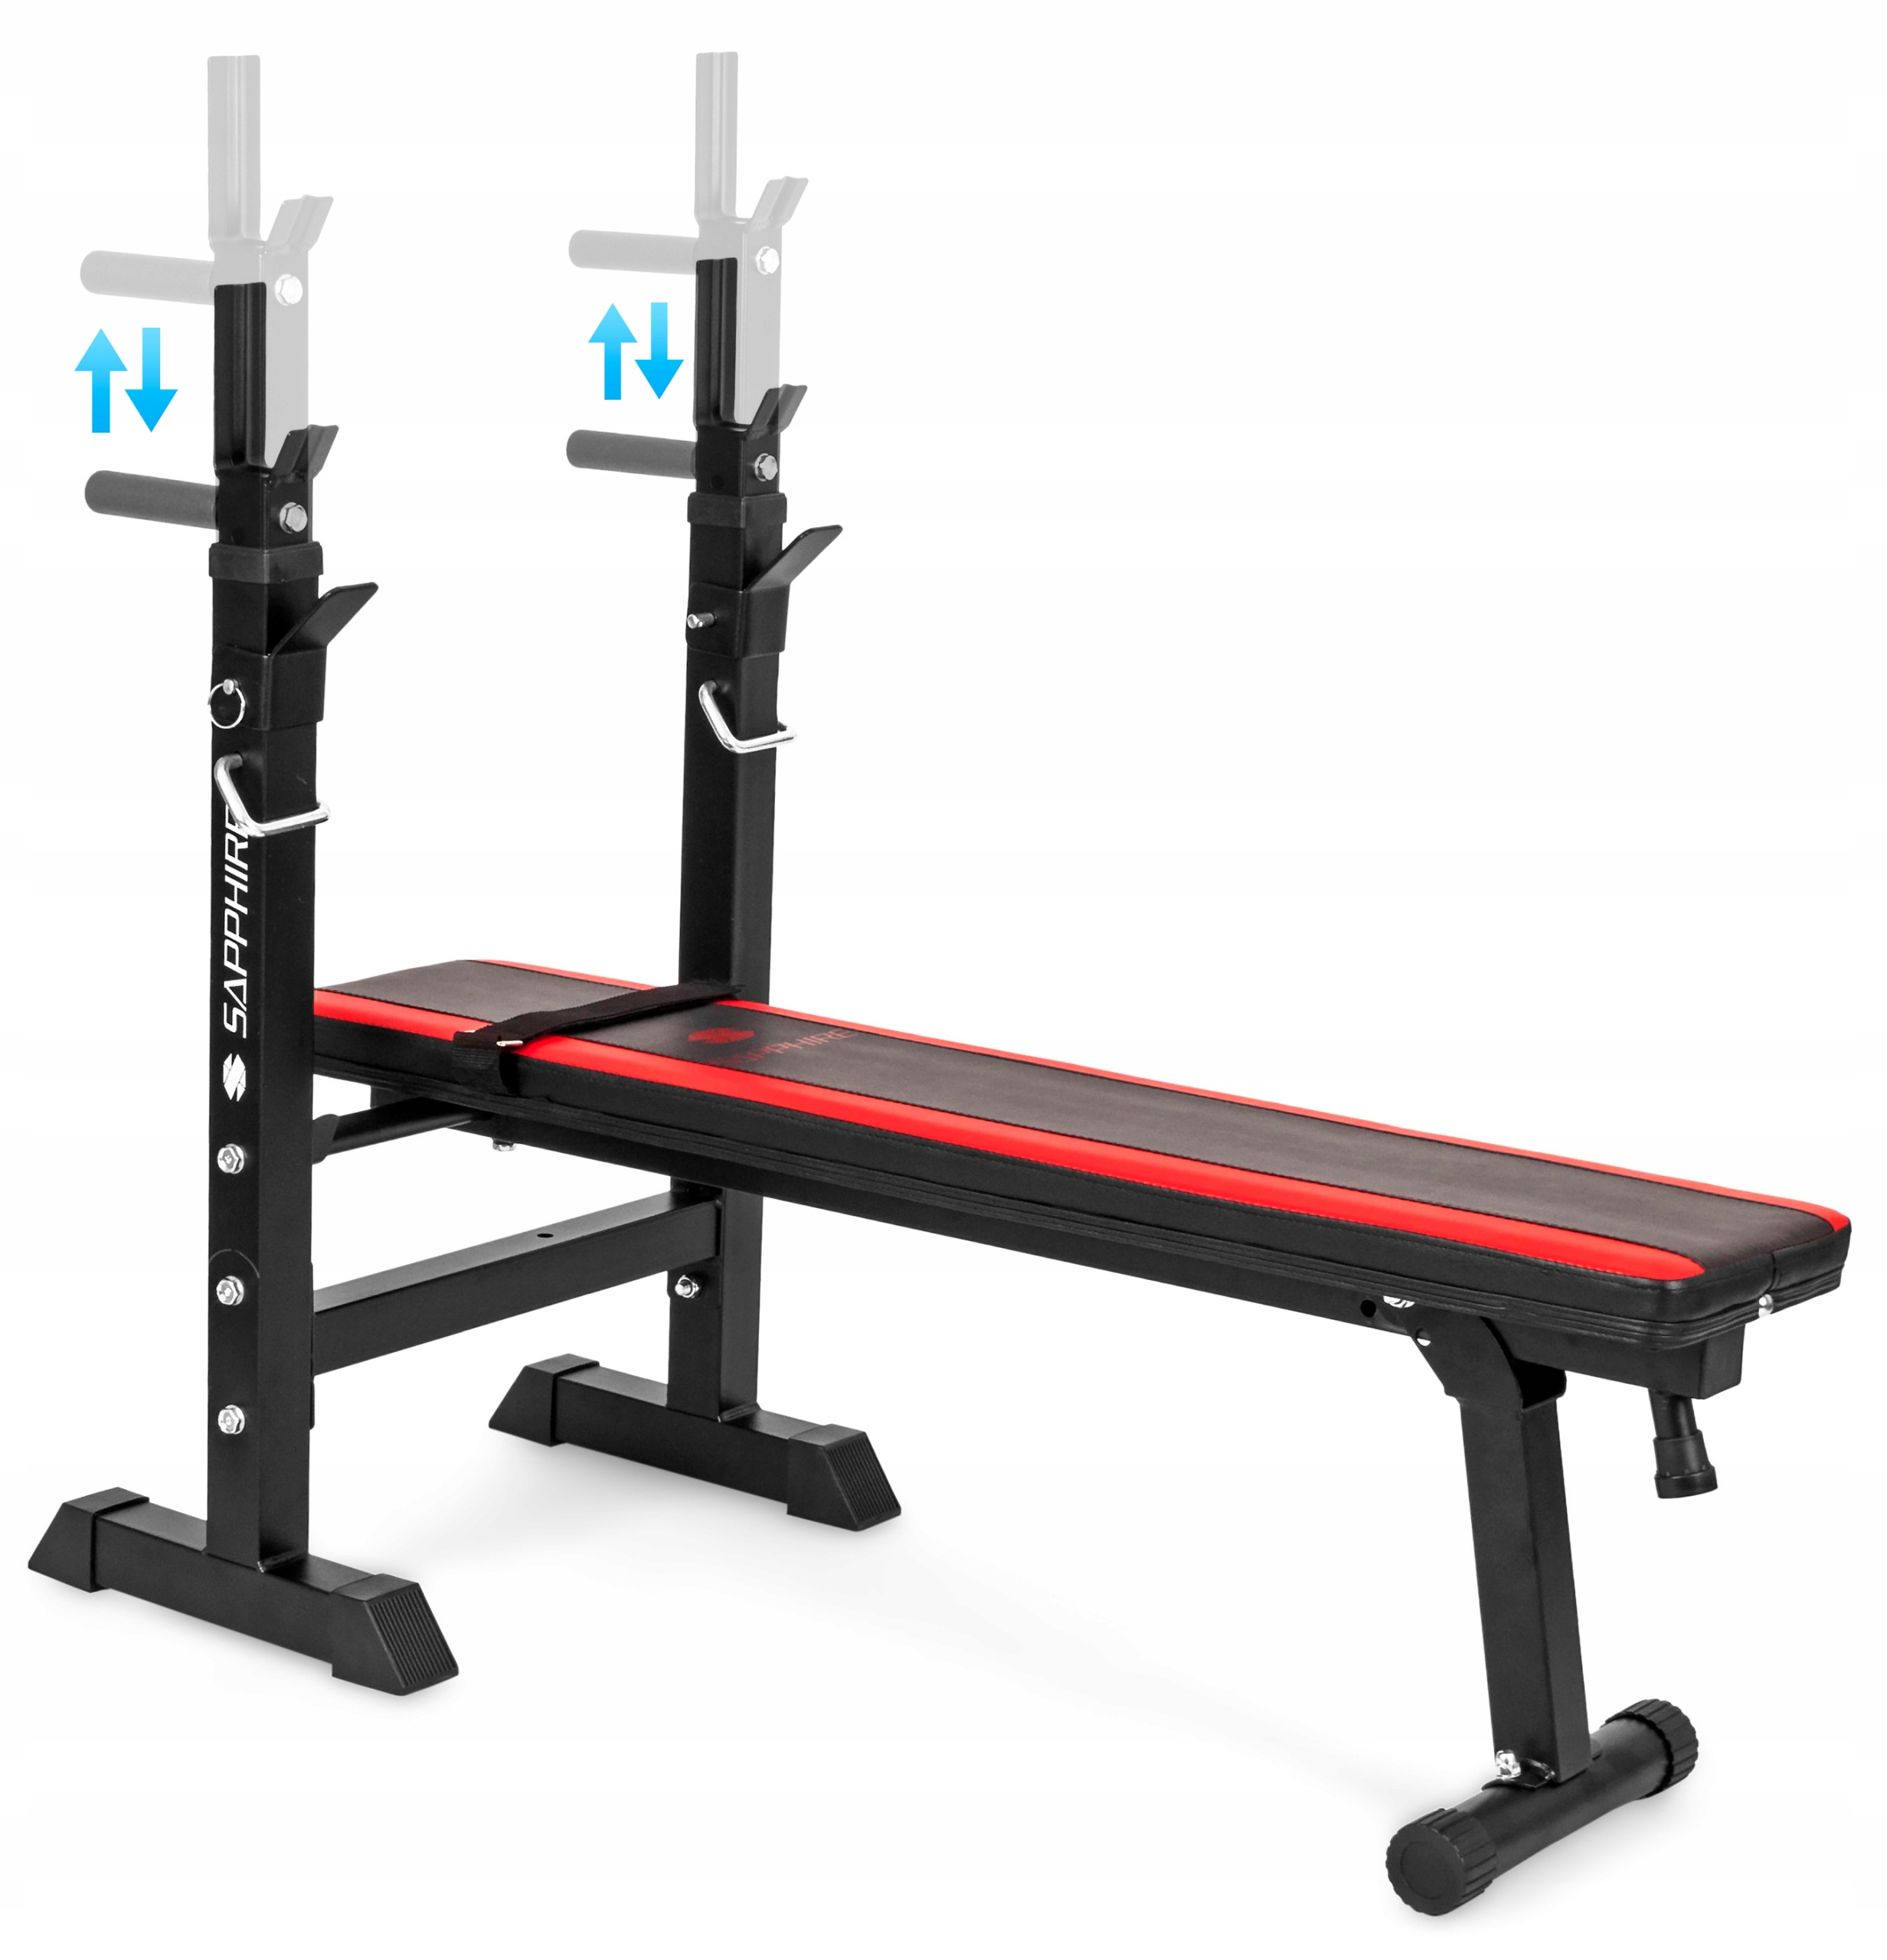 XYLO siłownia 56 kg zestaw ŁAWKA+GRYF+OBCIĄŻENIA Elementy zestawu gryf prosty ławka regulowana talerze/obciążenia